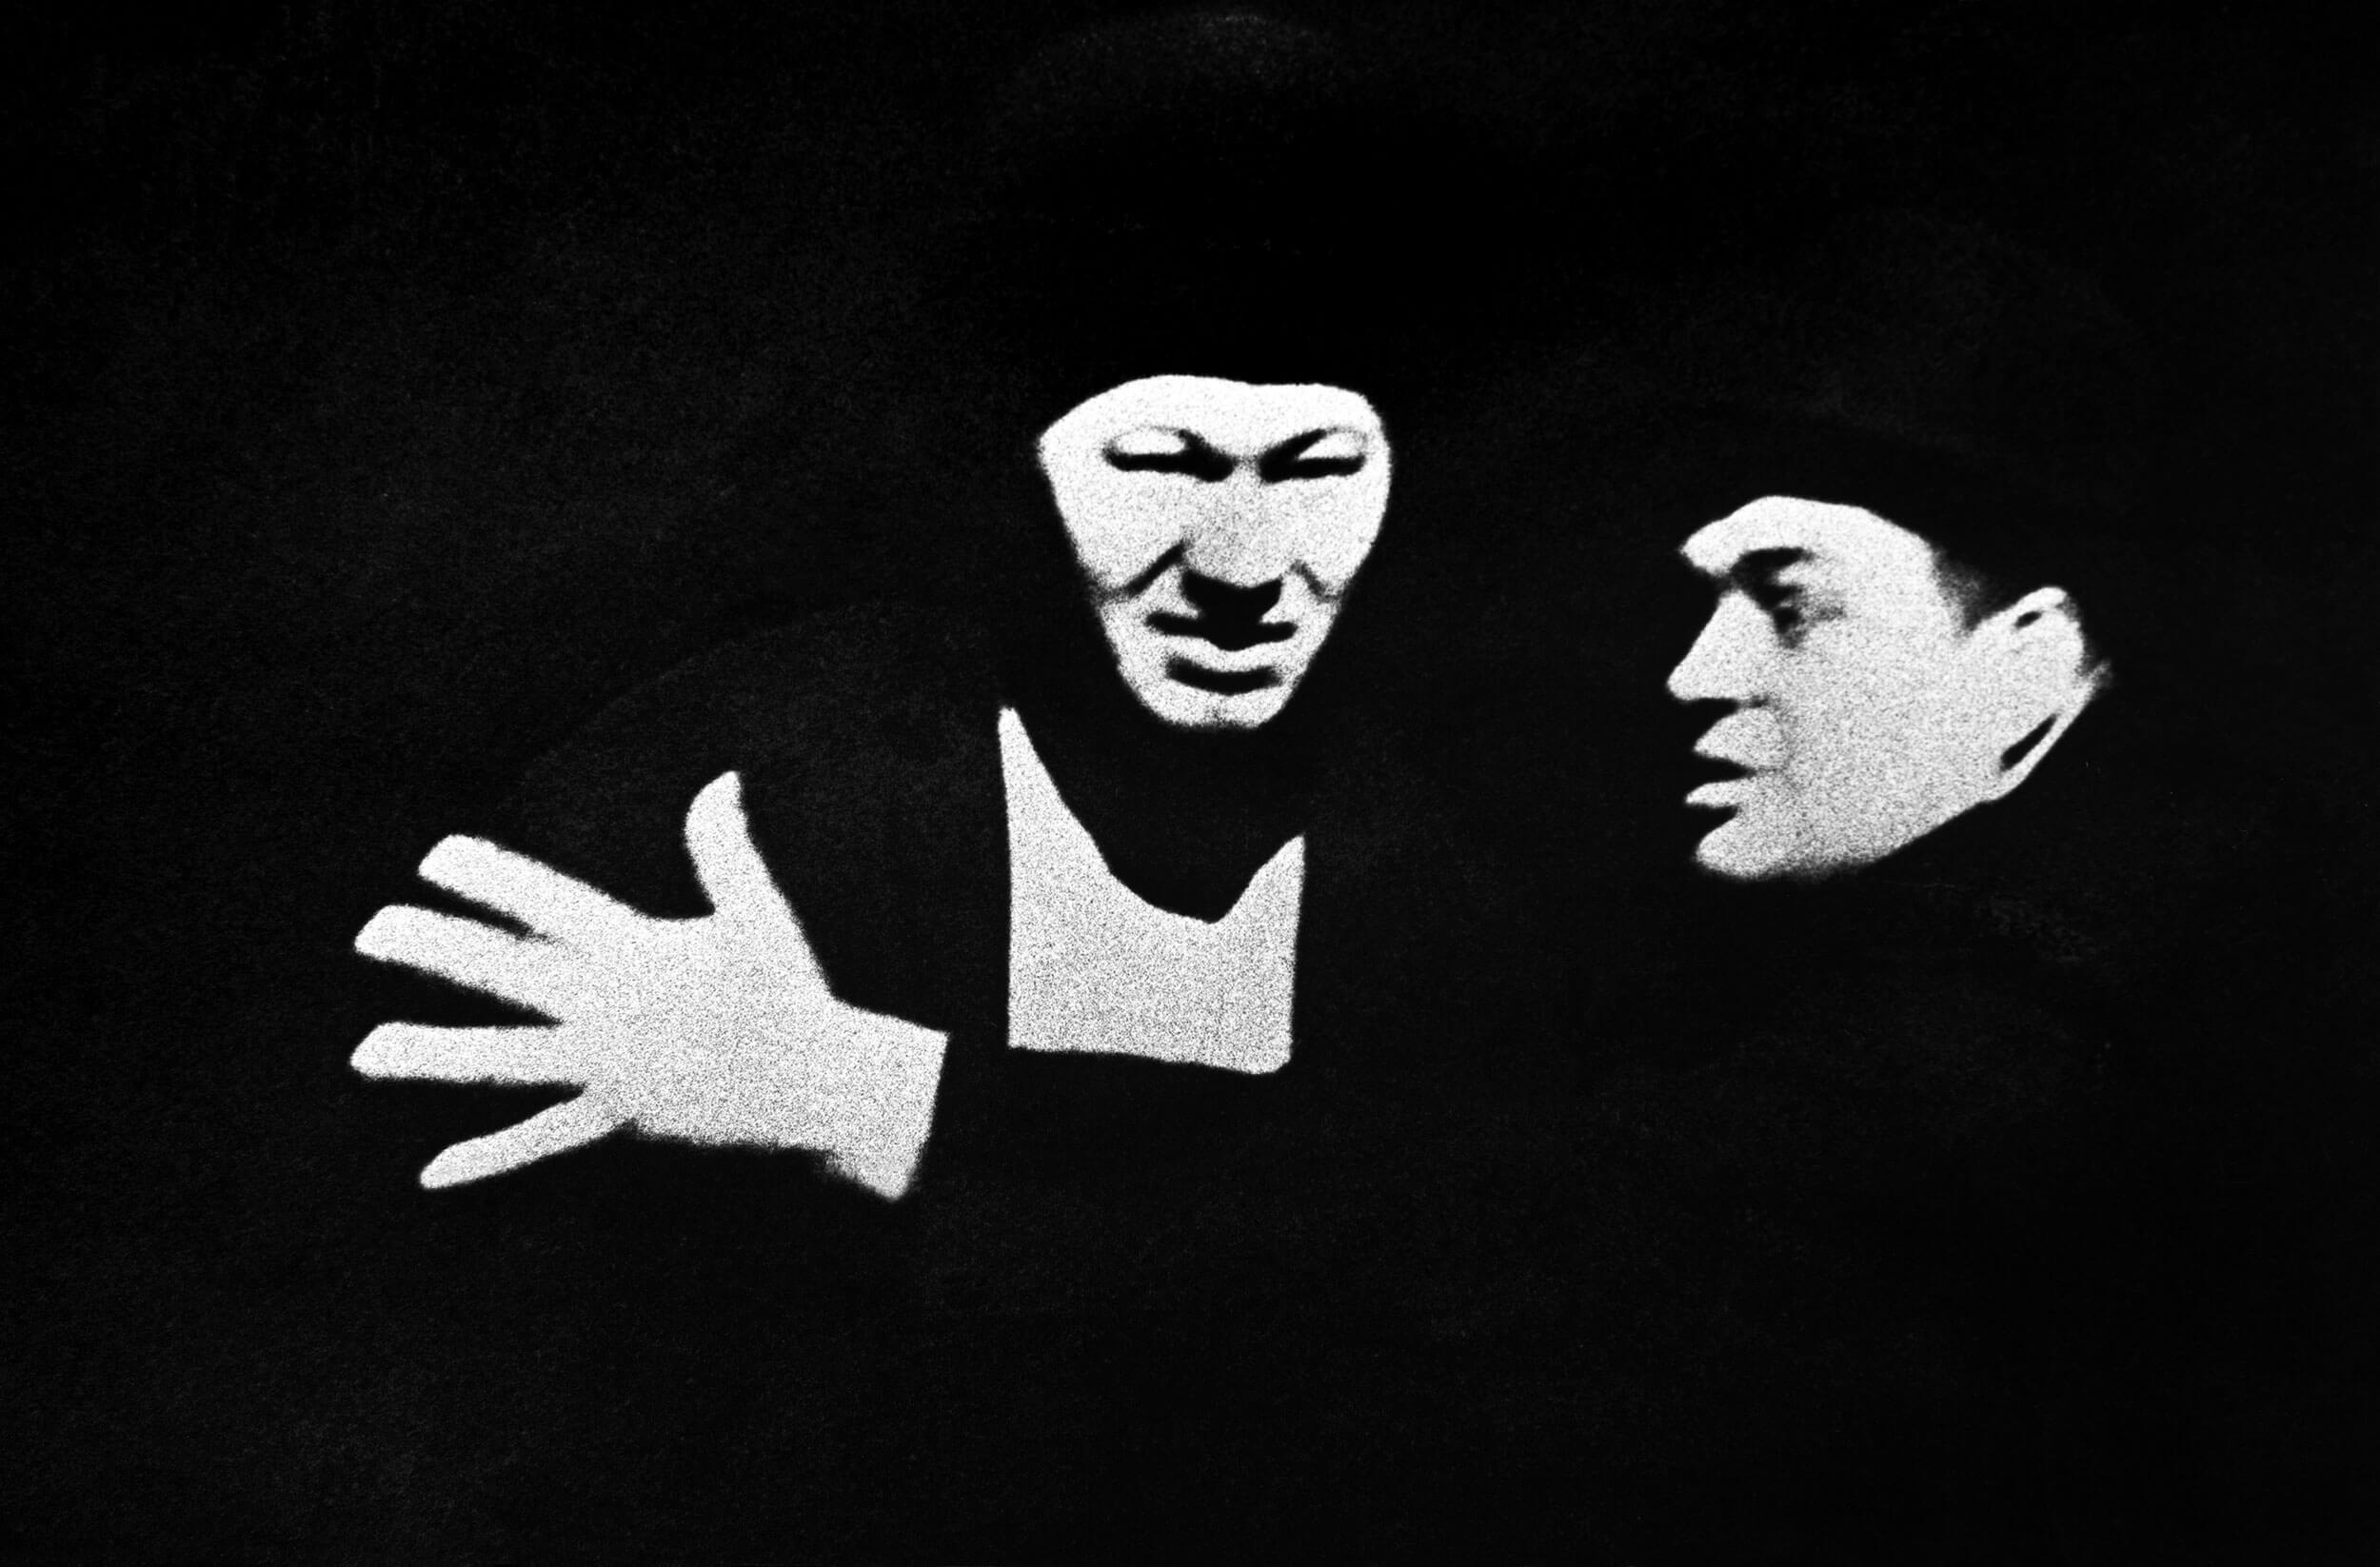 Koudelka-Theatre-delpire-co-3w